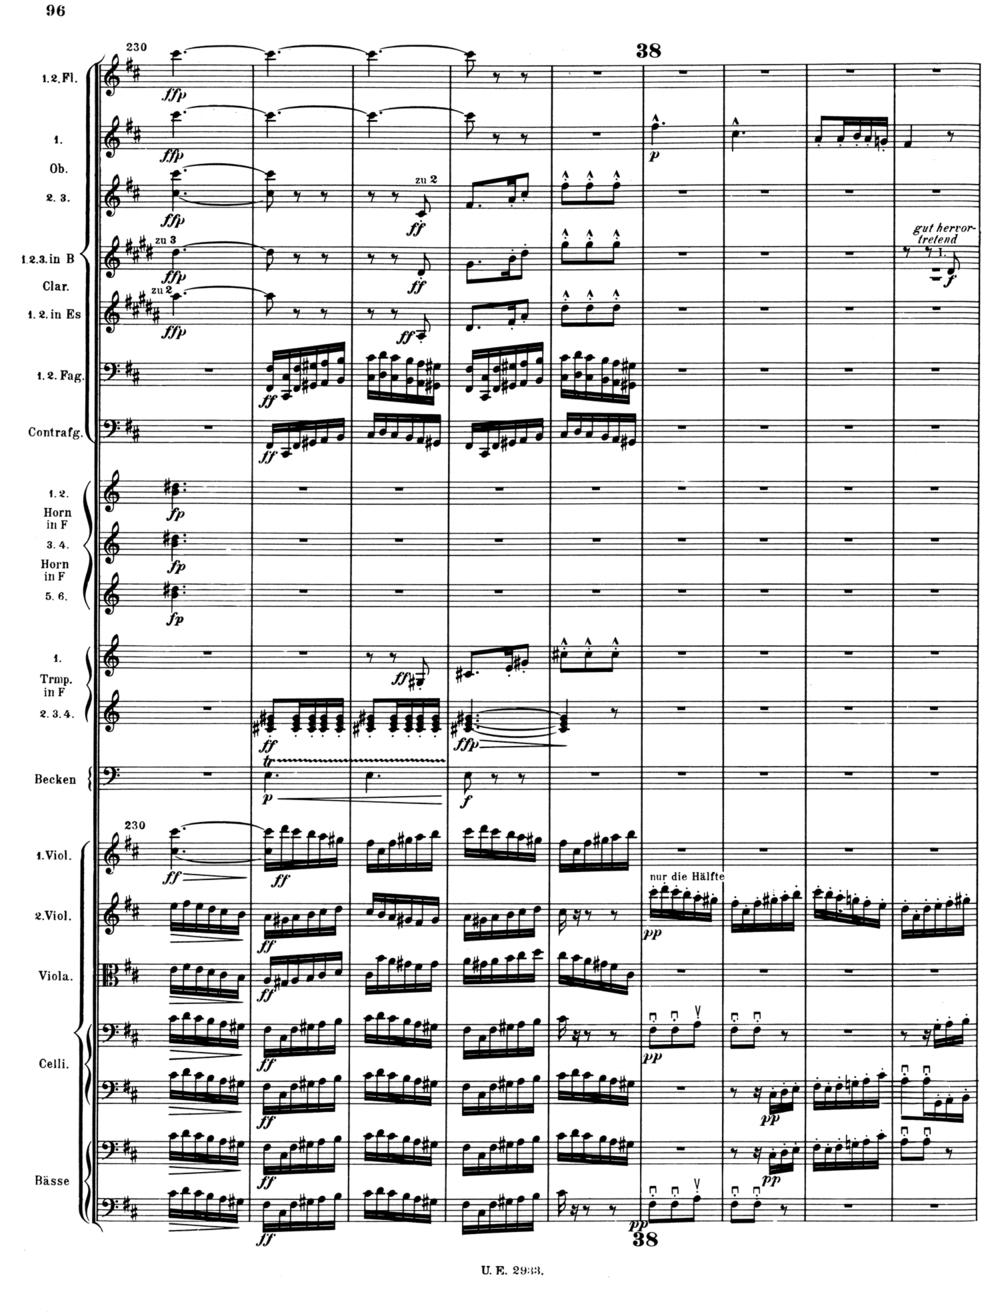 Mahler 2 Score 3.jpg